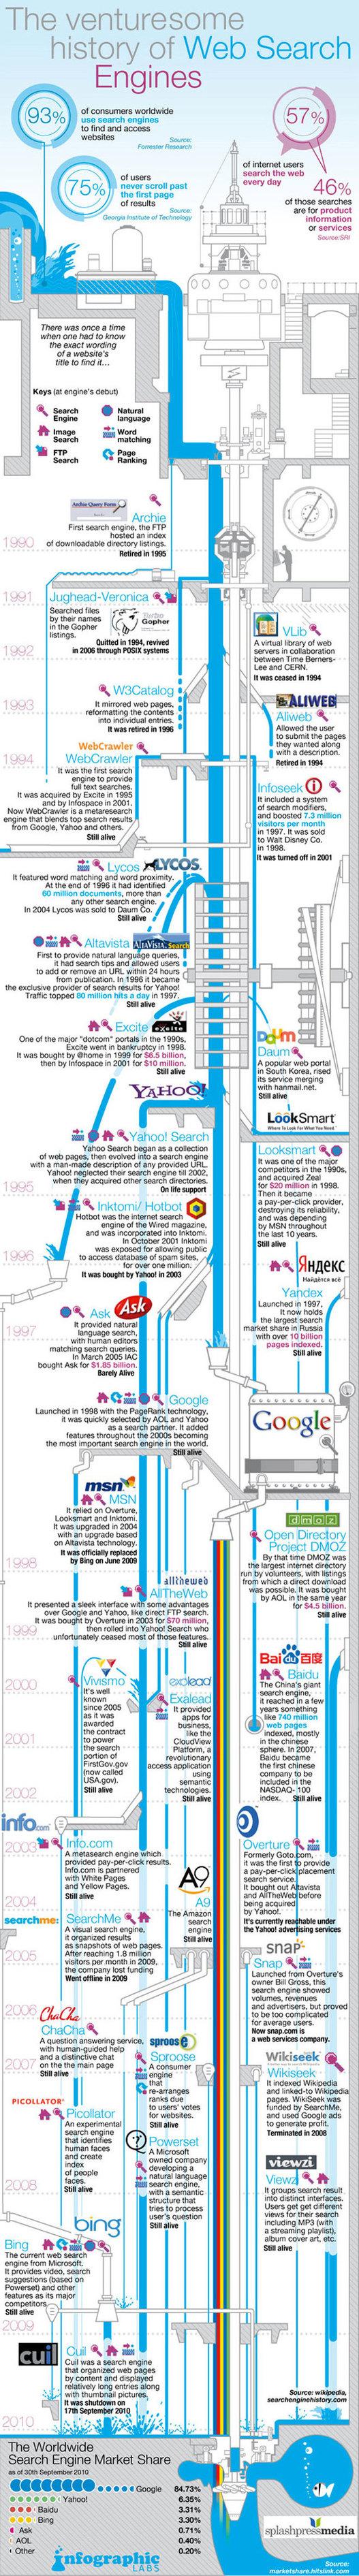 Infographie sur les moteurs de recherche